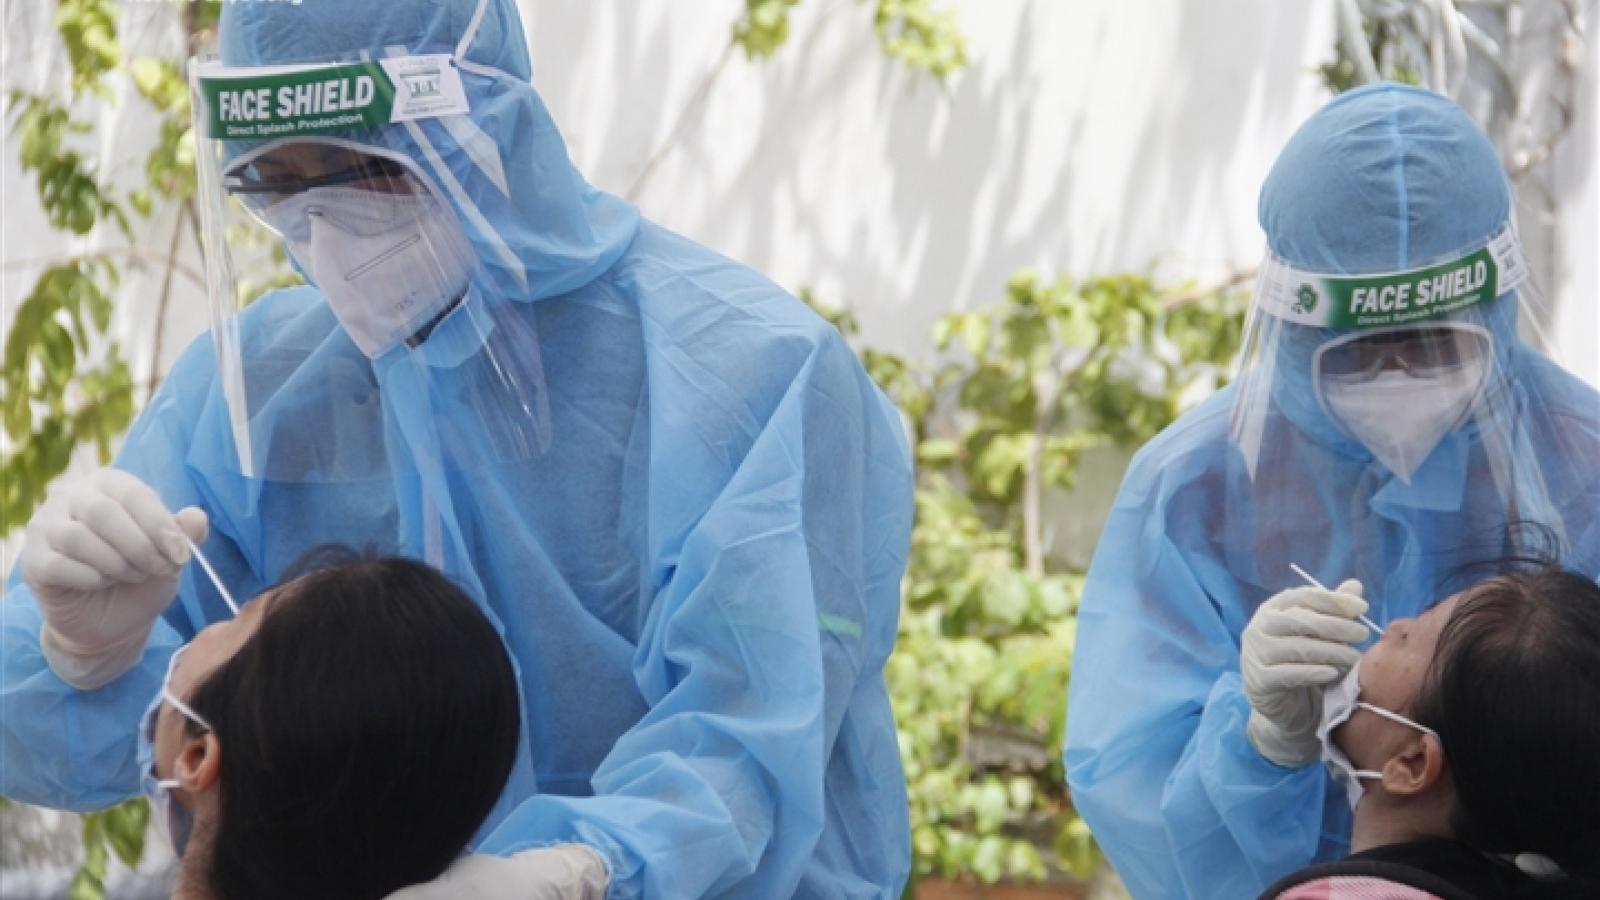 TP.HCM ghi nhận 378 ca COVID-19 qua khám sàng lọc tại bệnh viện